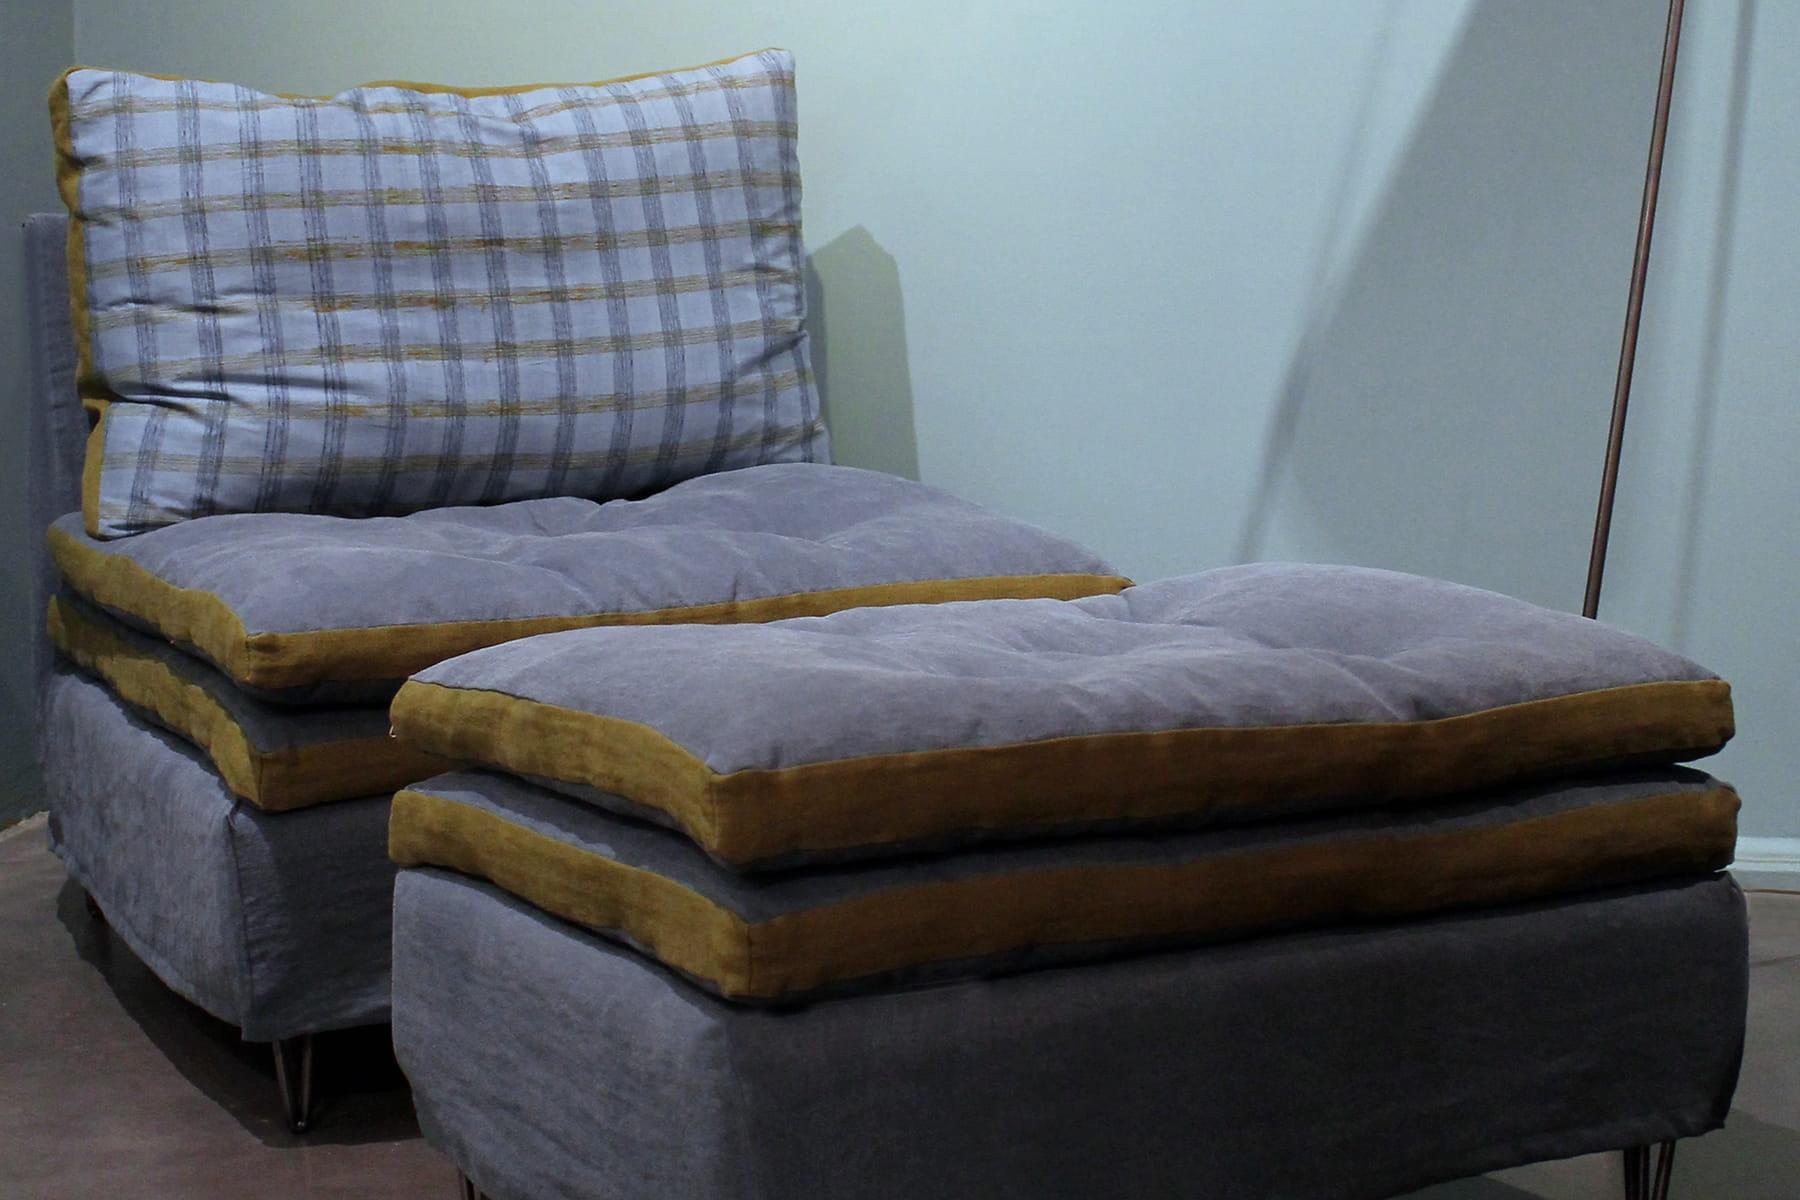 le fauteuil 2 en 1 beaux et confortables ces fauteuils n 39 attendent que vous linternaute. Black Bedroom Furniture Sets. Home Design Ideas